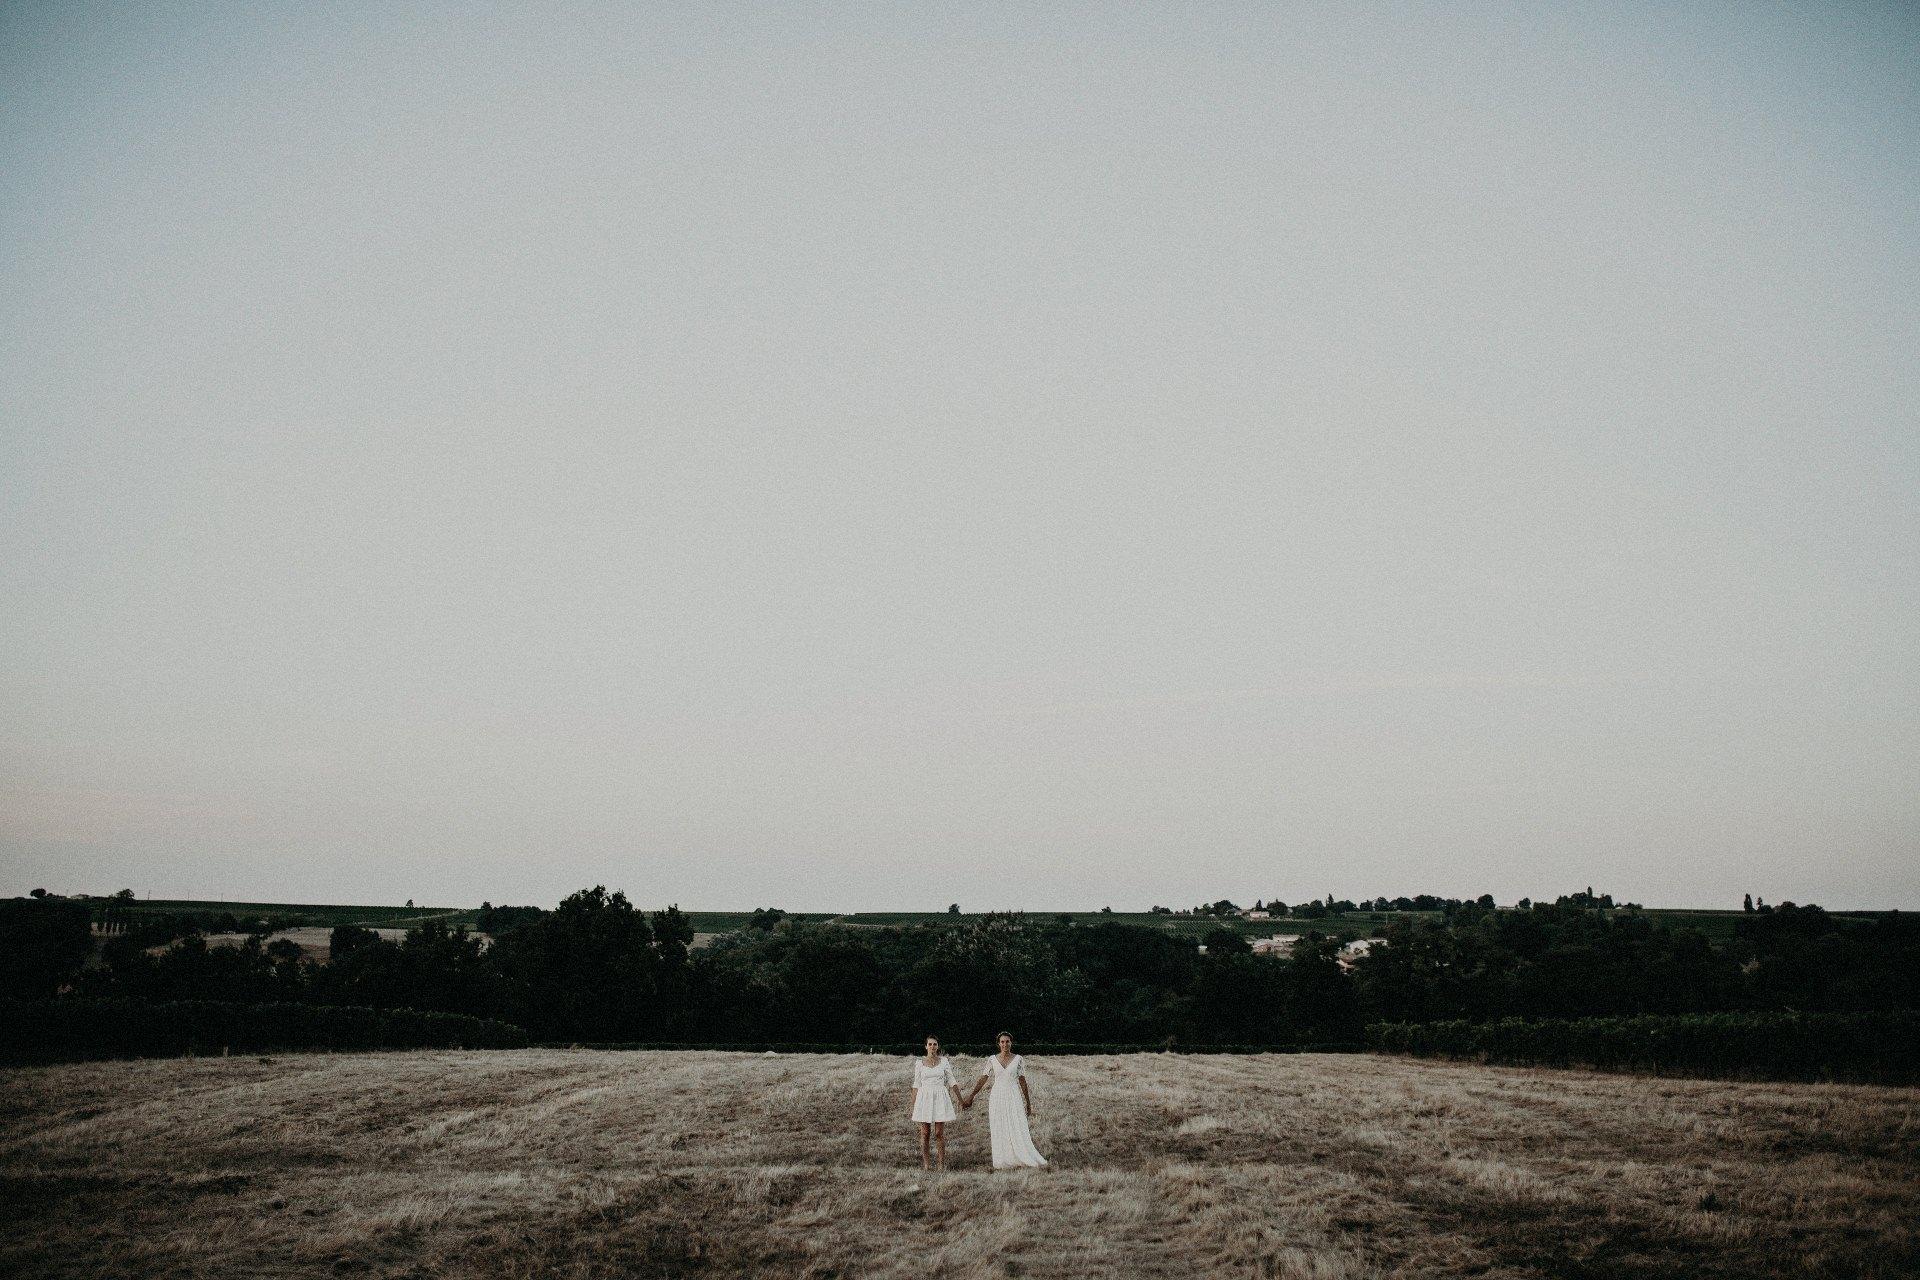 photographe-mariage-bordeaux-60.jpg